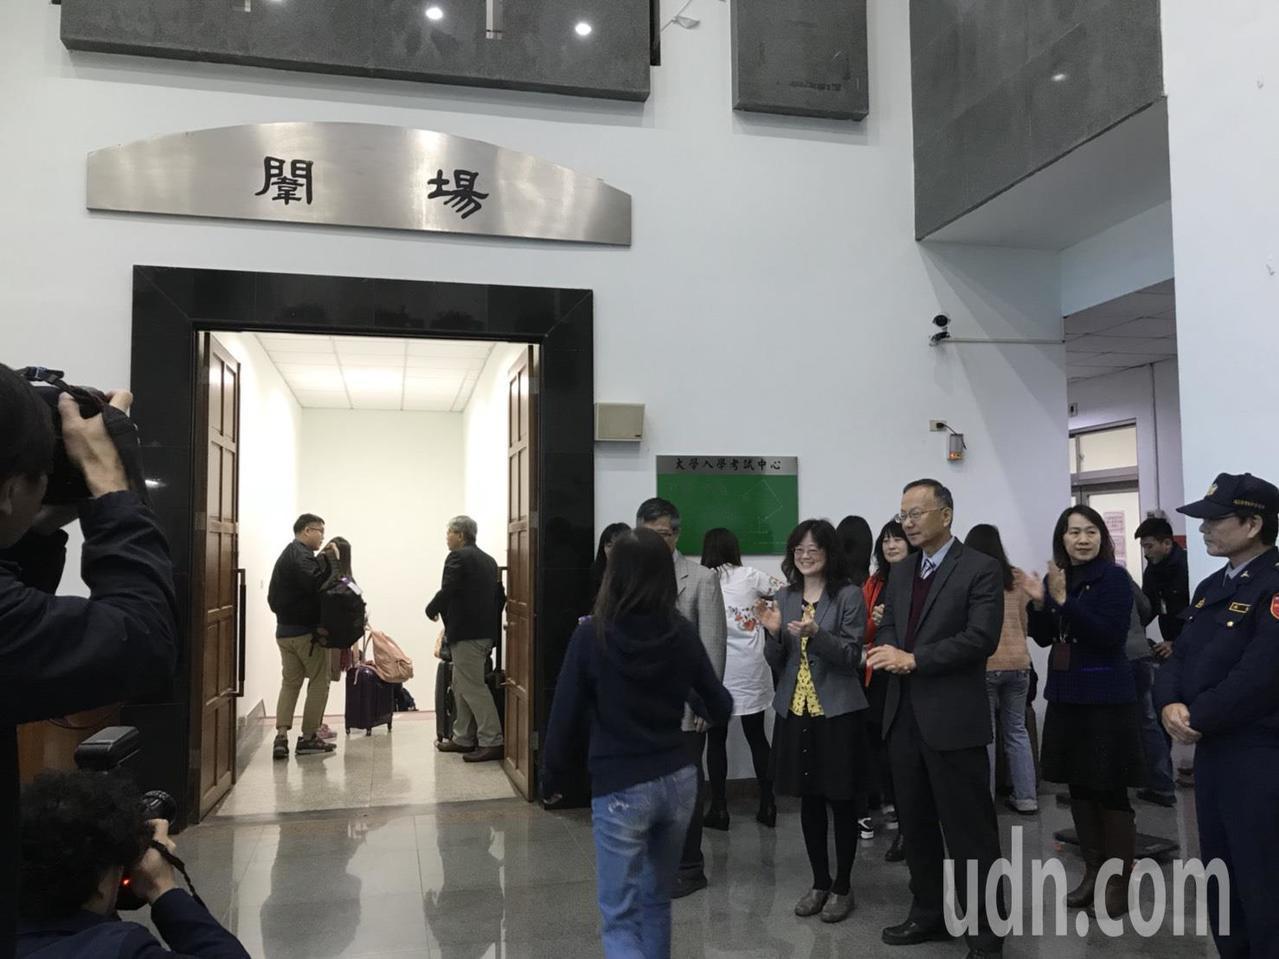 大學學測今天第一梯次入闈,包括命題組、勤務支援人員及試考生入闈。記者馮靖惠/攝影